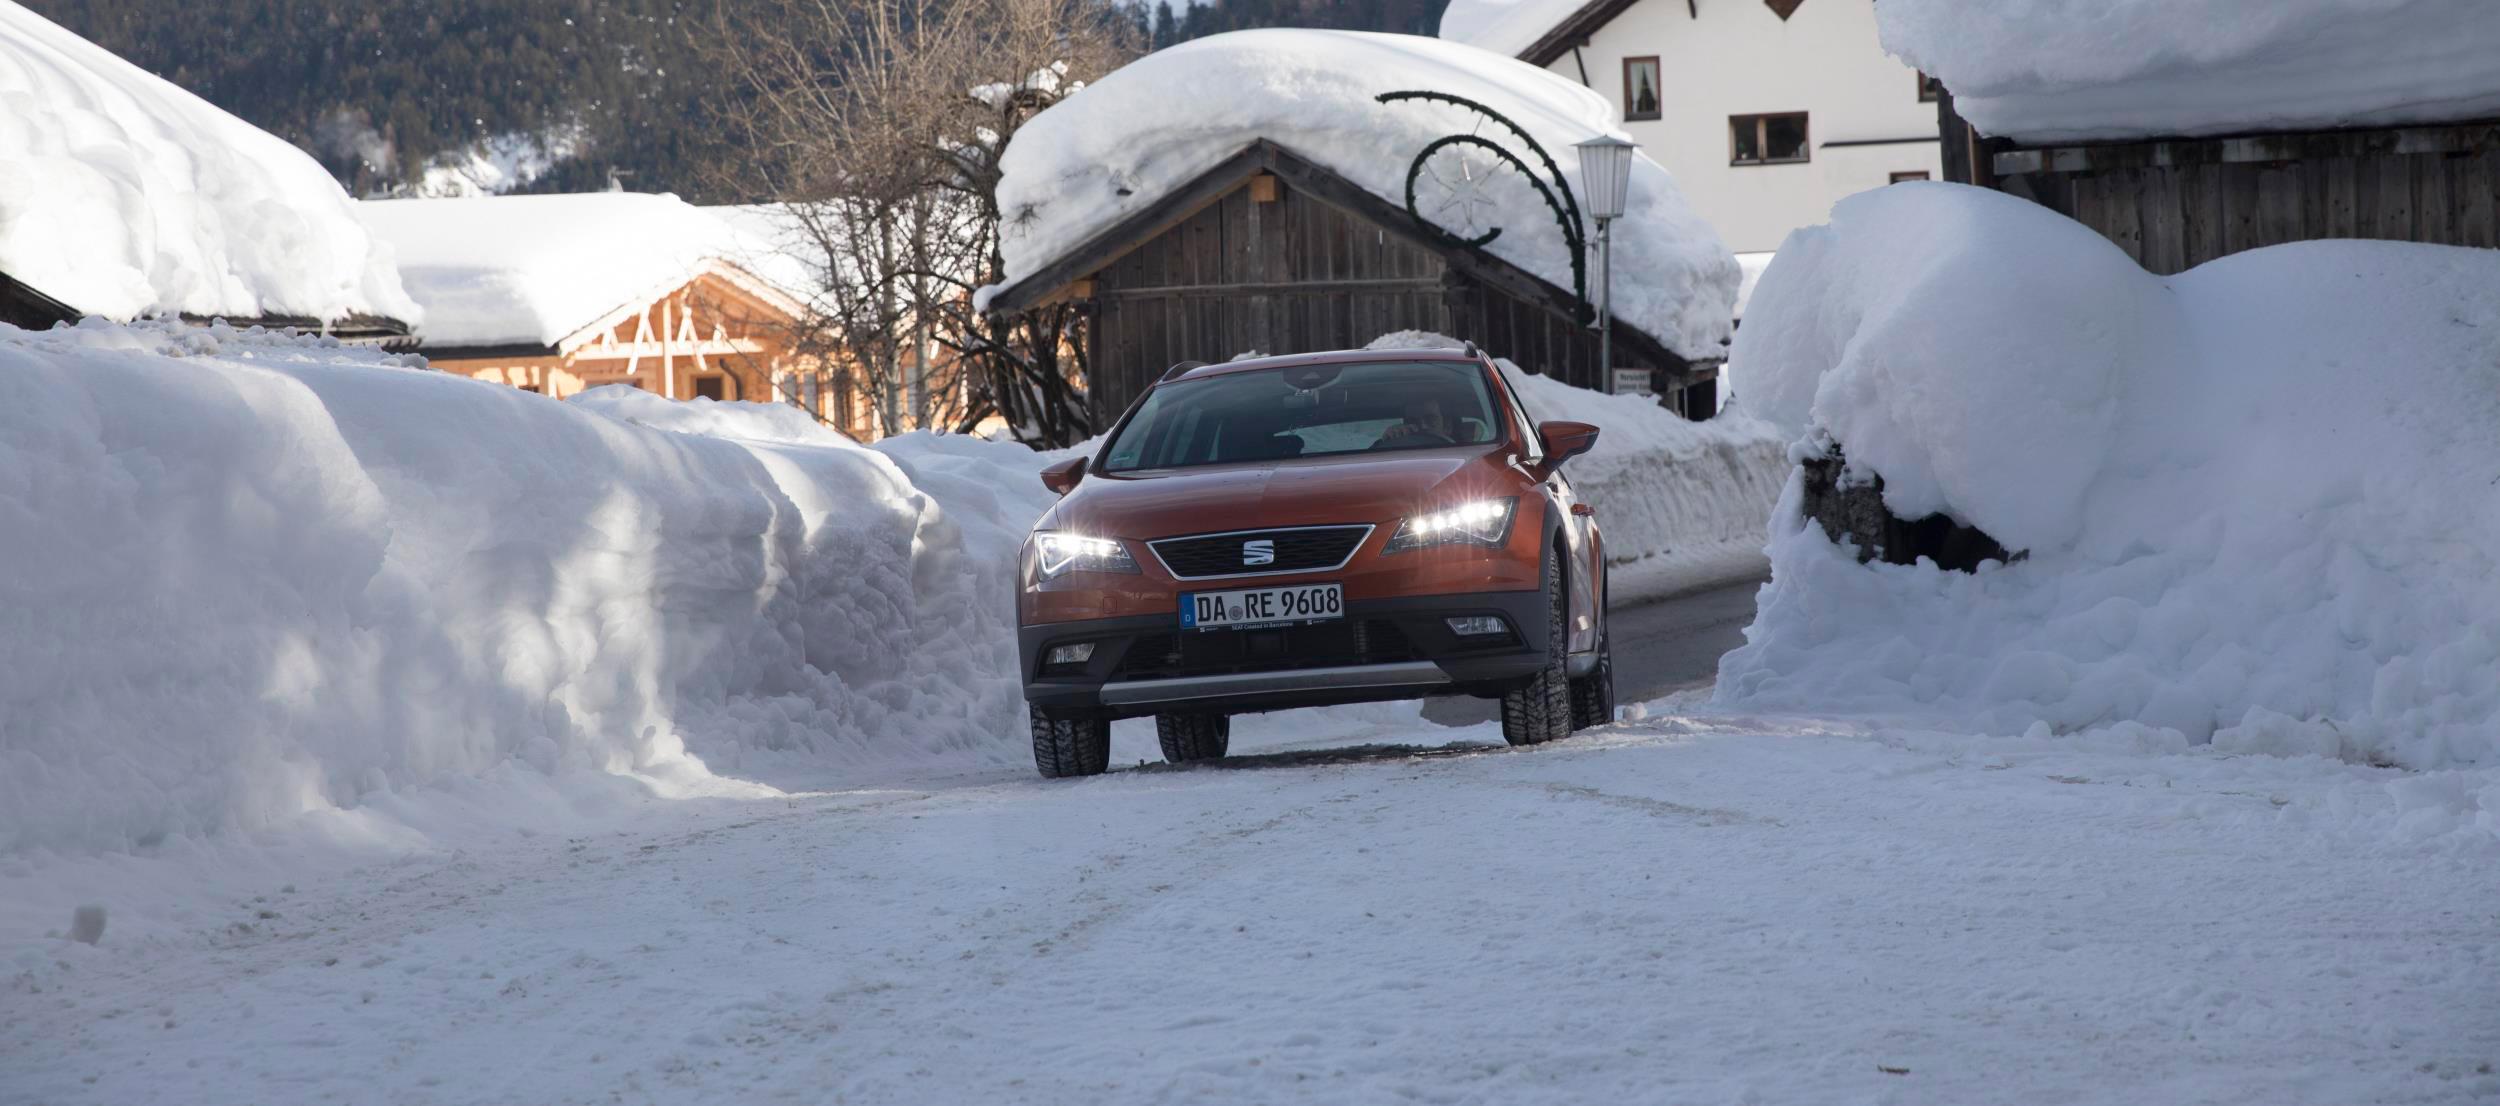 Conducir por nieve como un profesional by SEAT